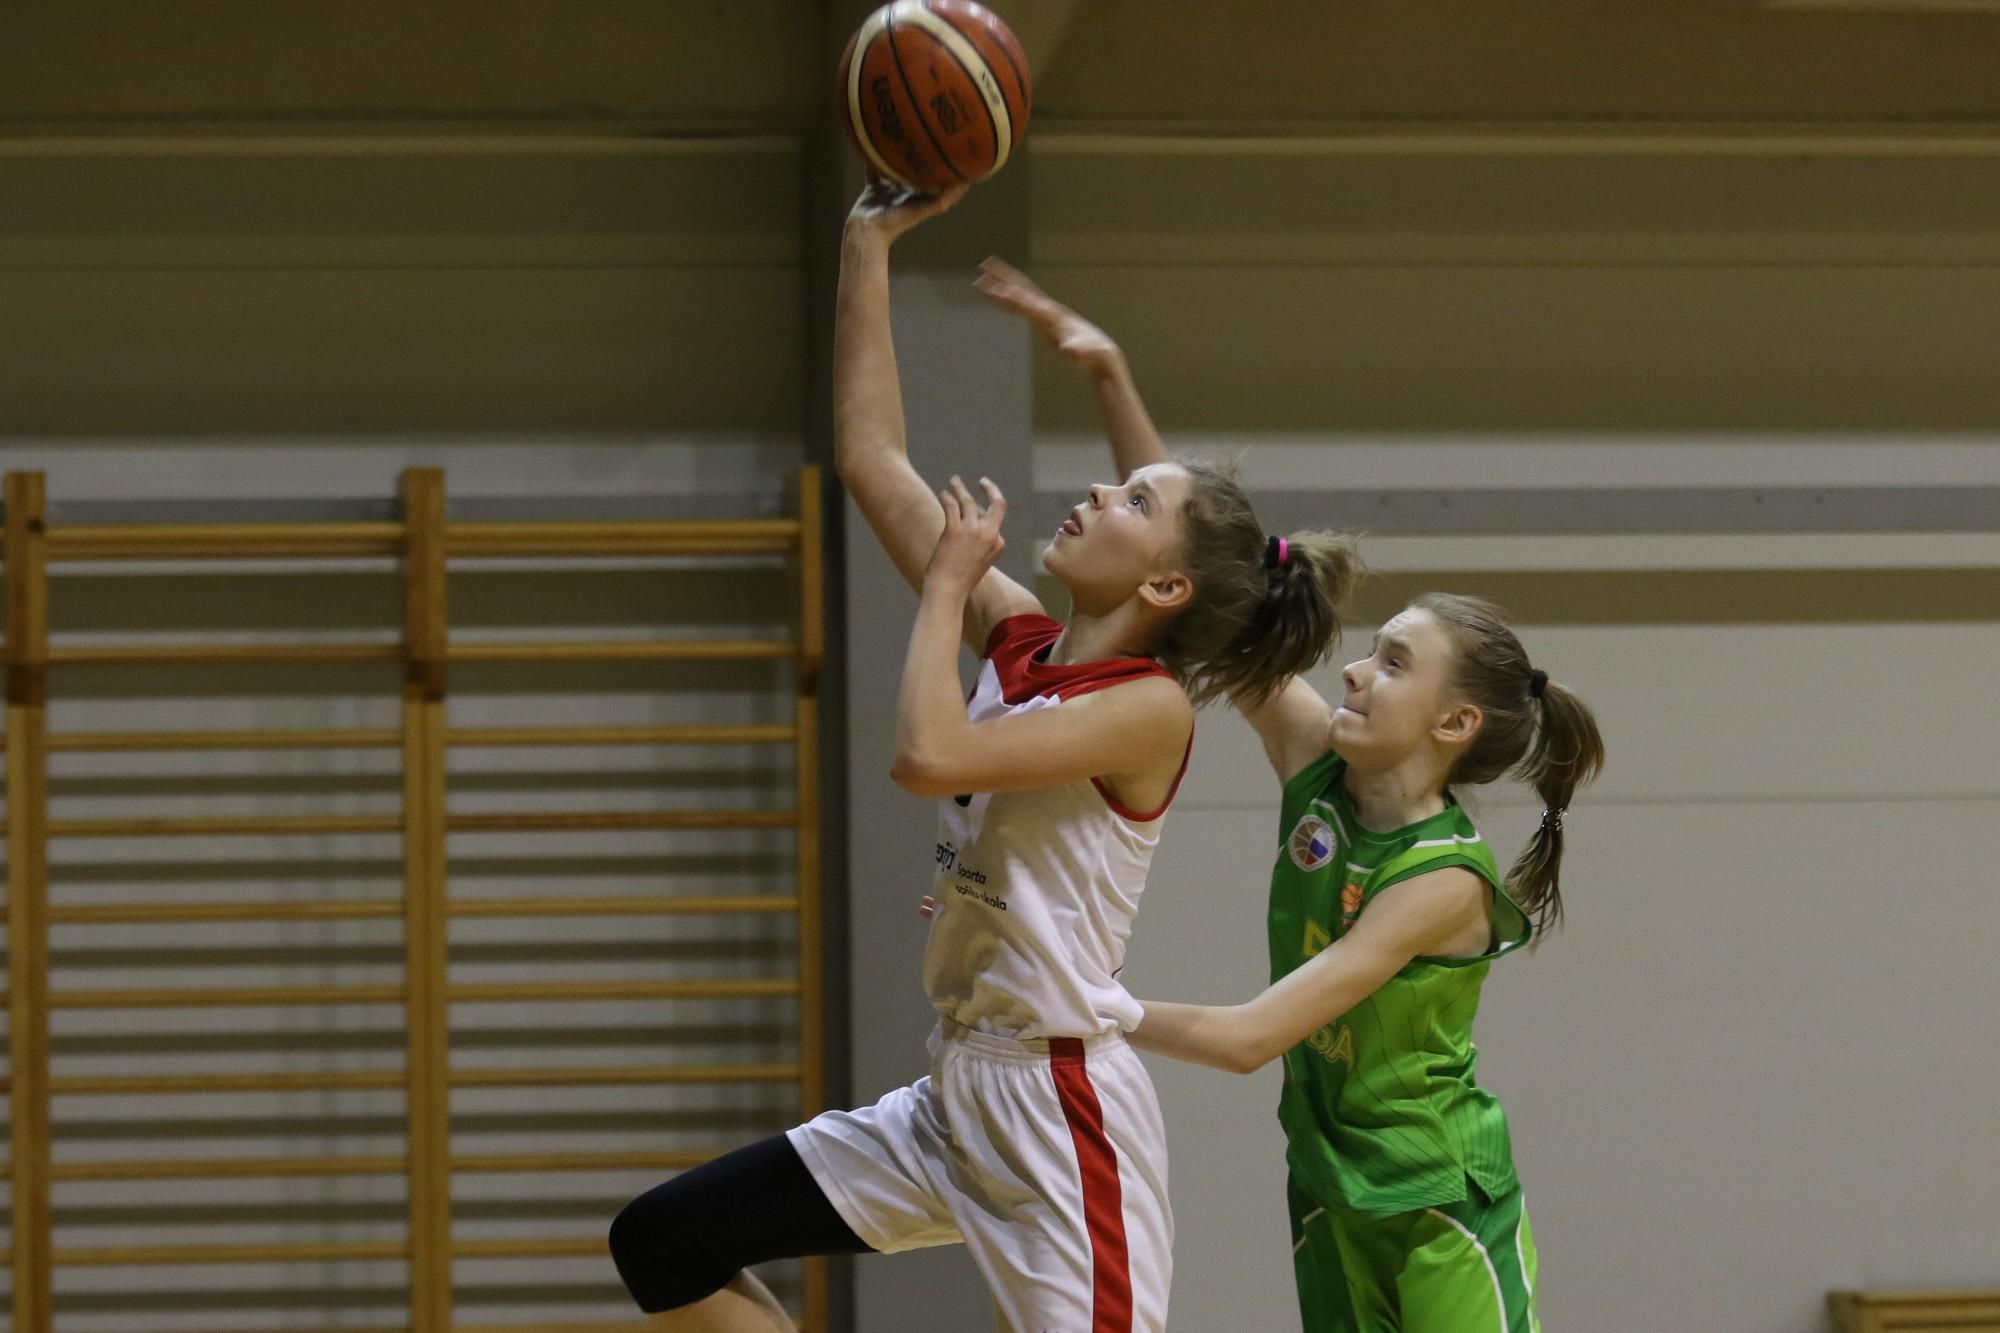 Jaunās basketbolistes ierindojas 6. vietā